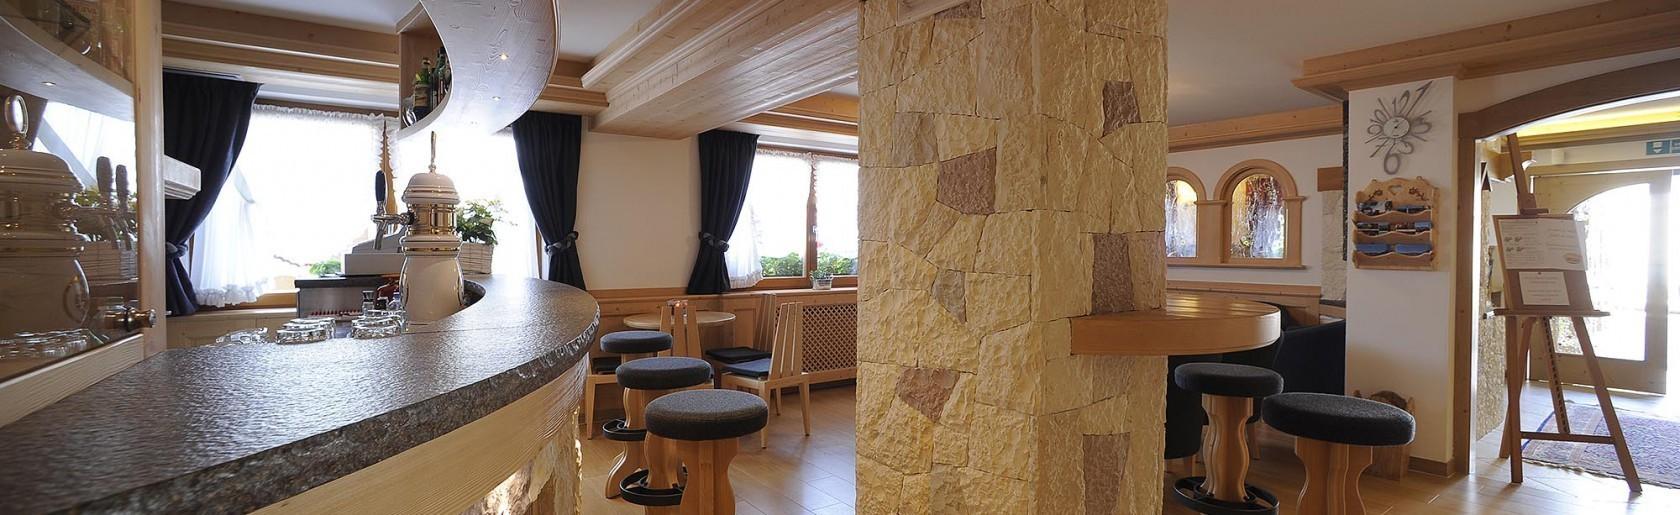 Scopri le offerte dell'Hotel Tirol in Trentino